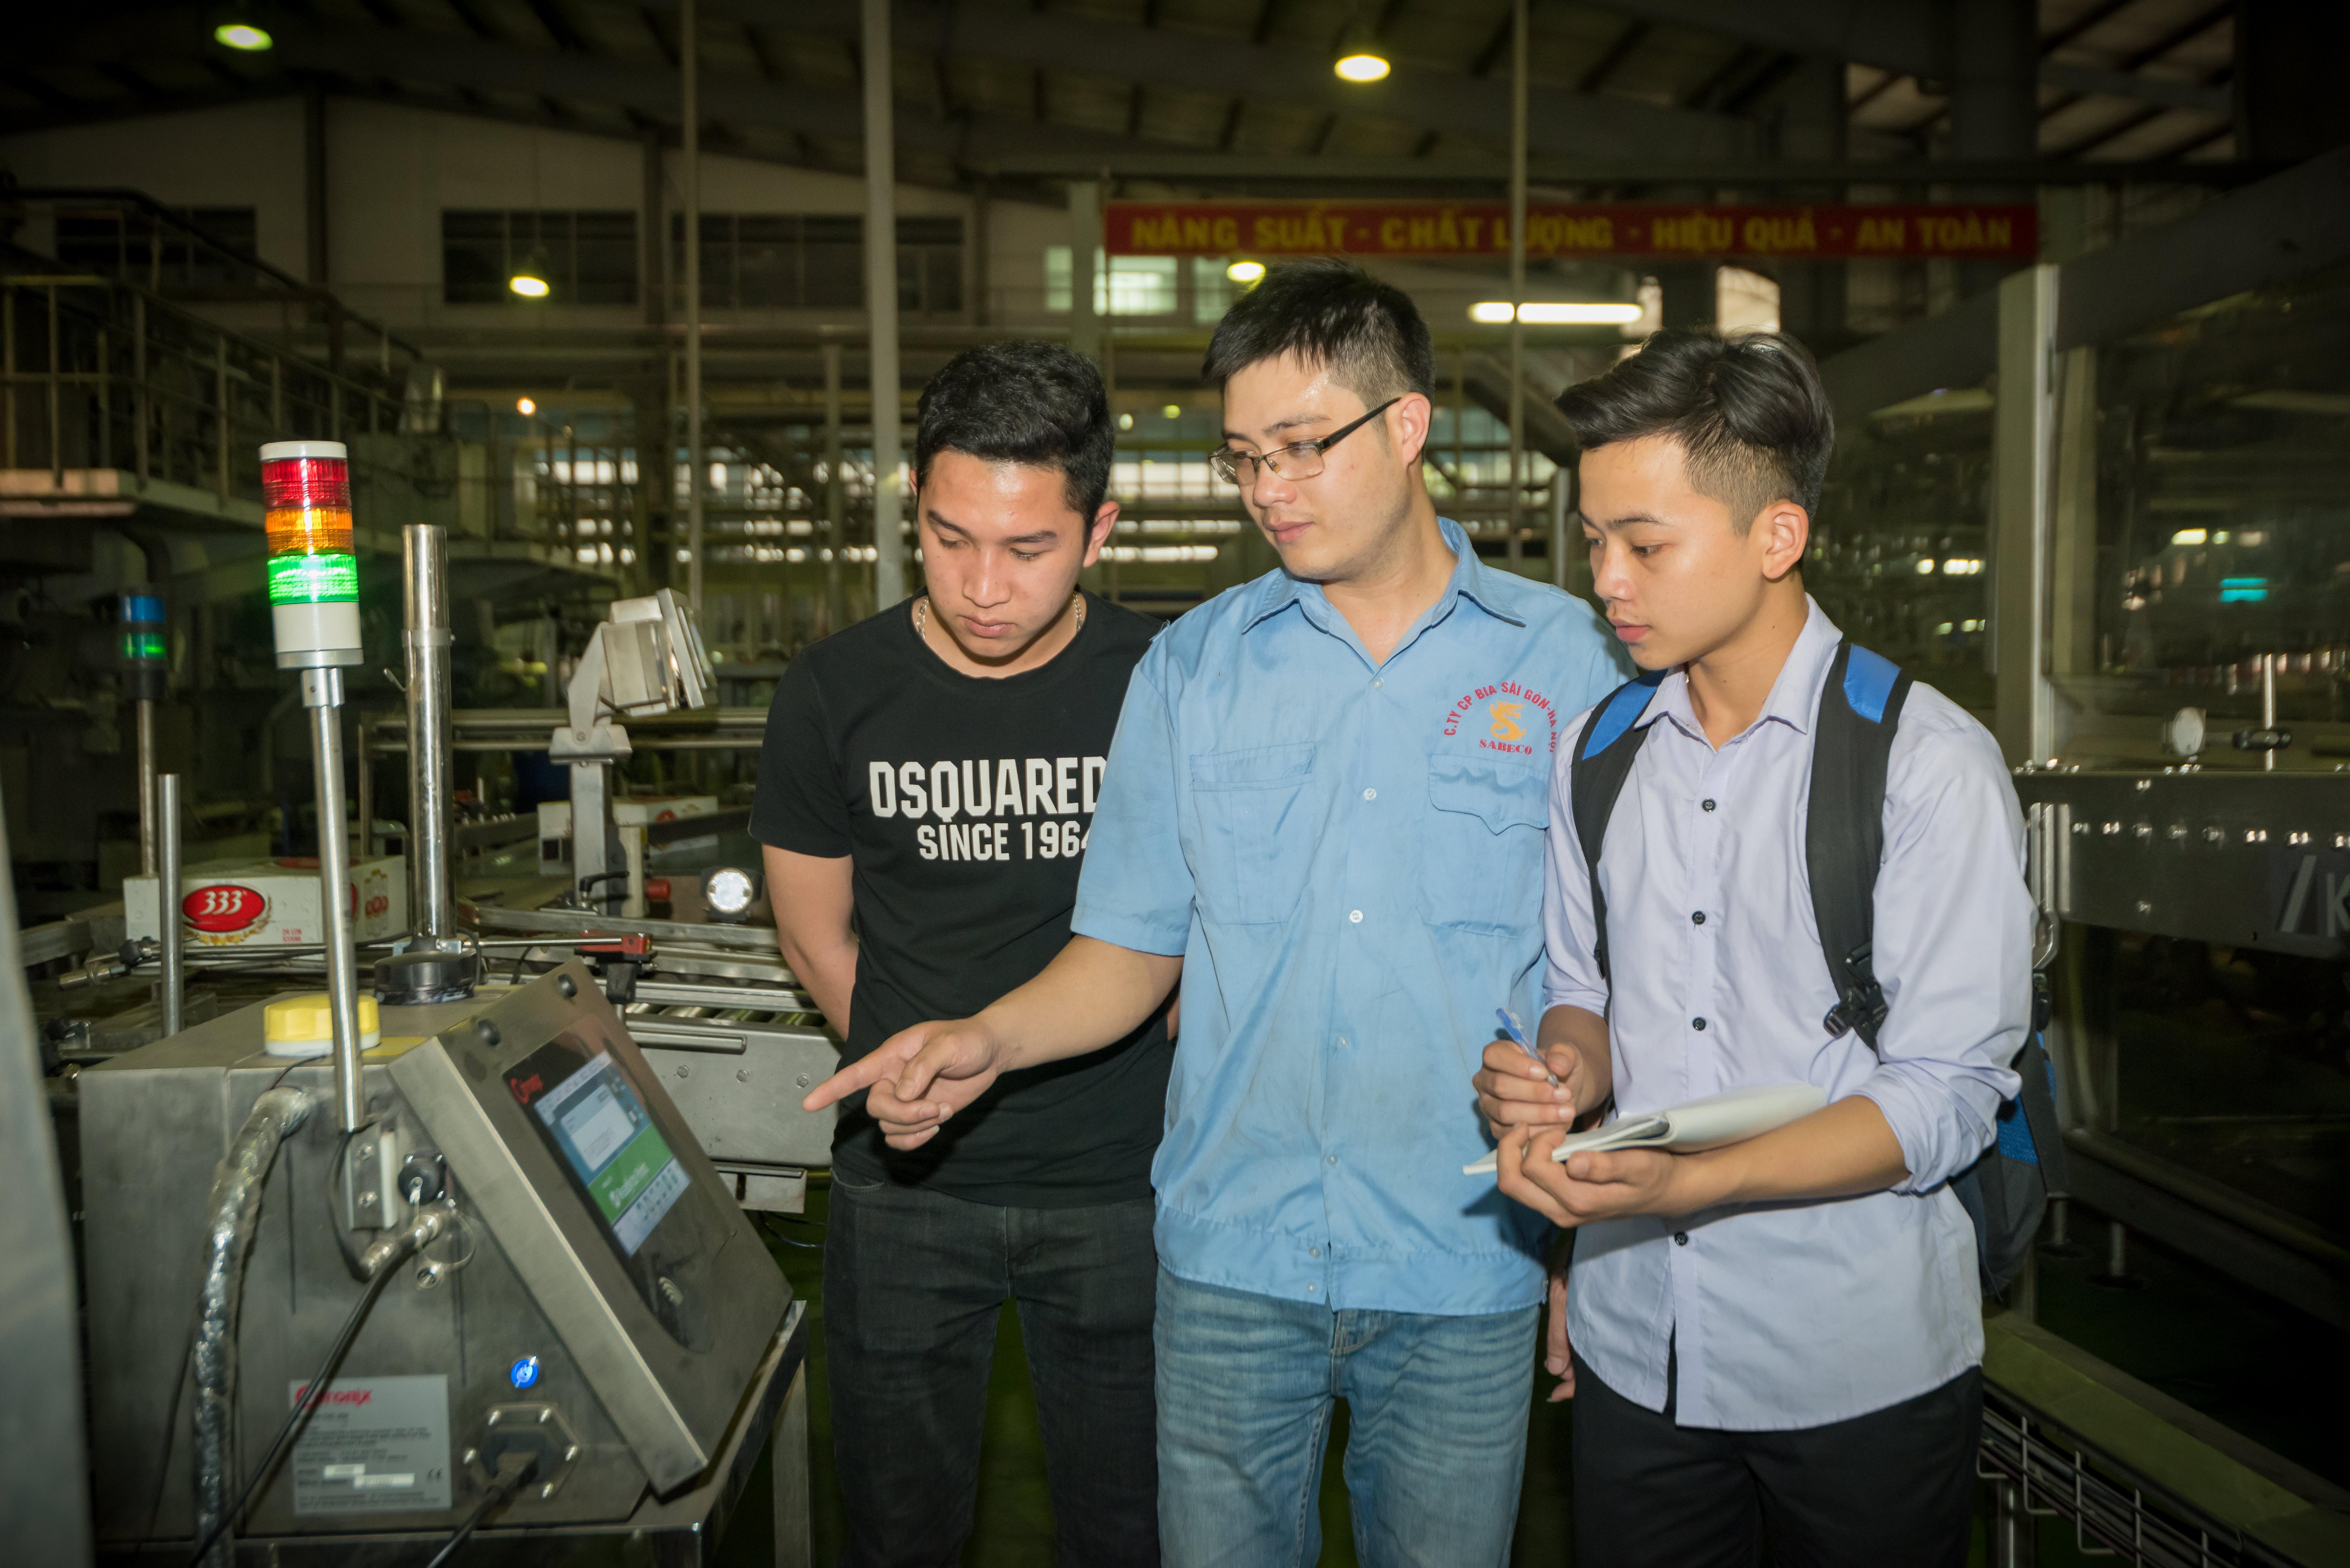 Lựa chọn ngành Chế tạo máy các sinh viên sẽ được học các kiến thức, kỹ năng gì?